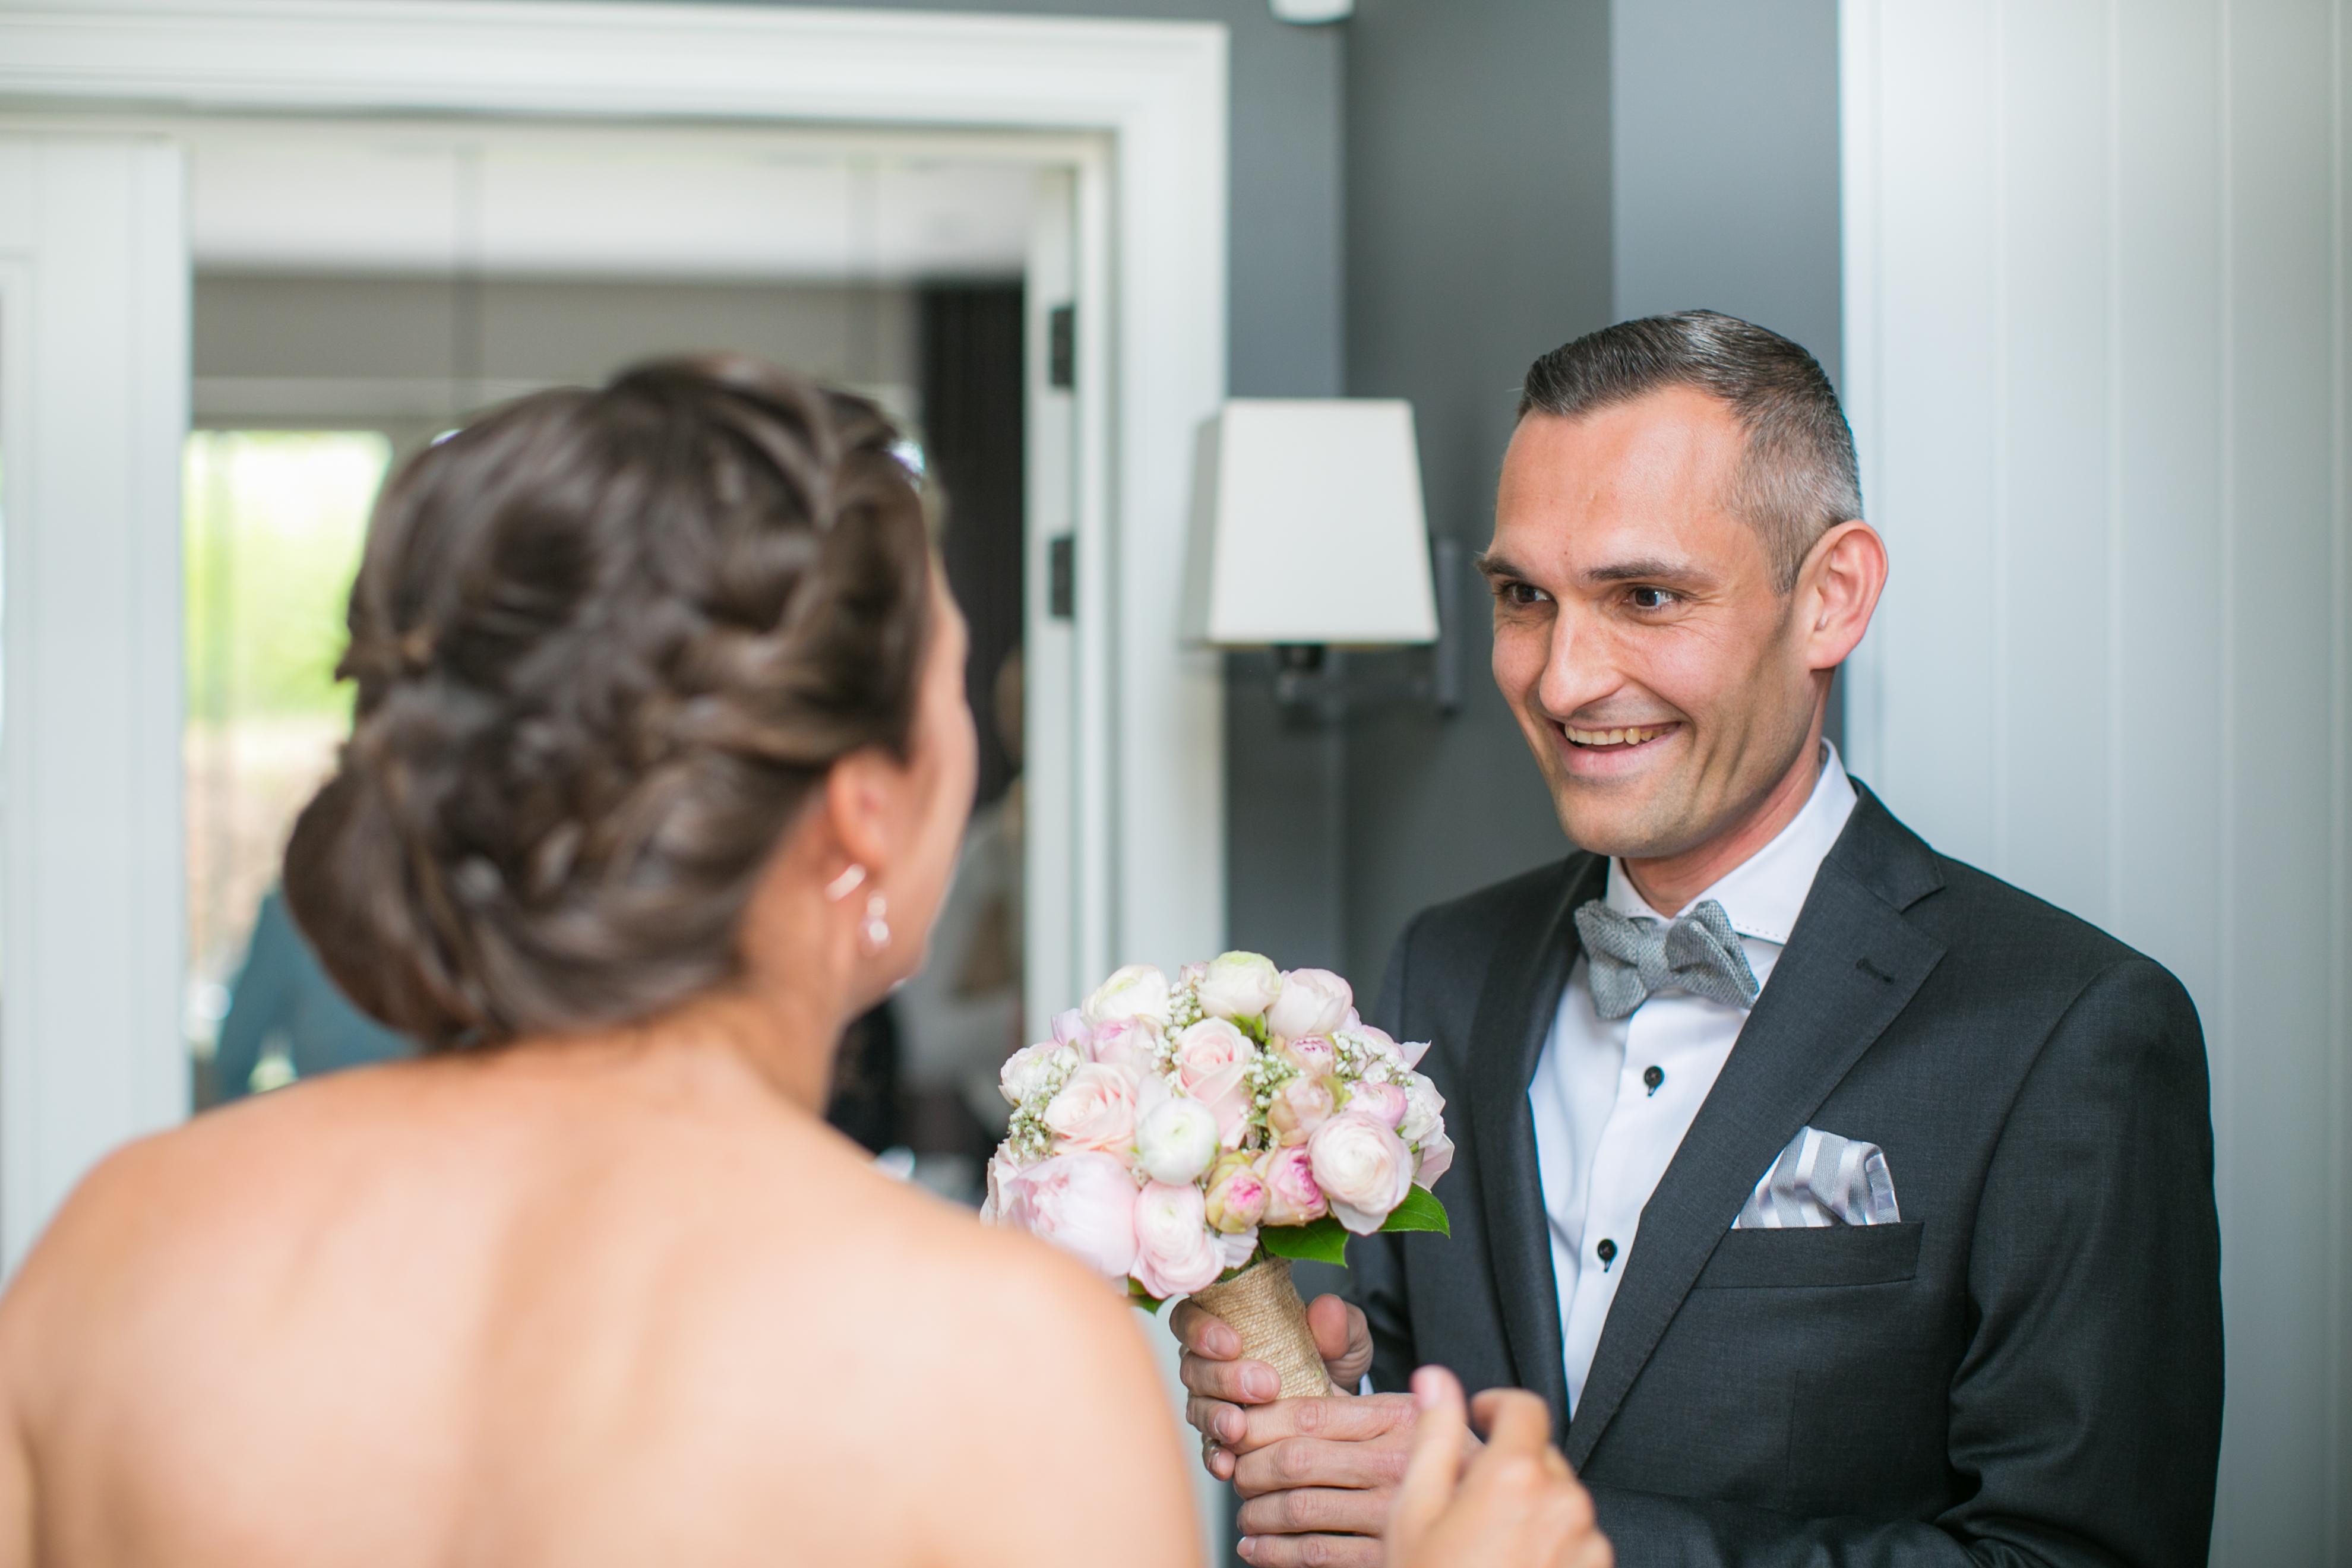 Een huwelijksvideo in combinatie met trouwfoto's